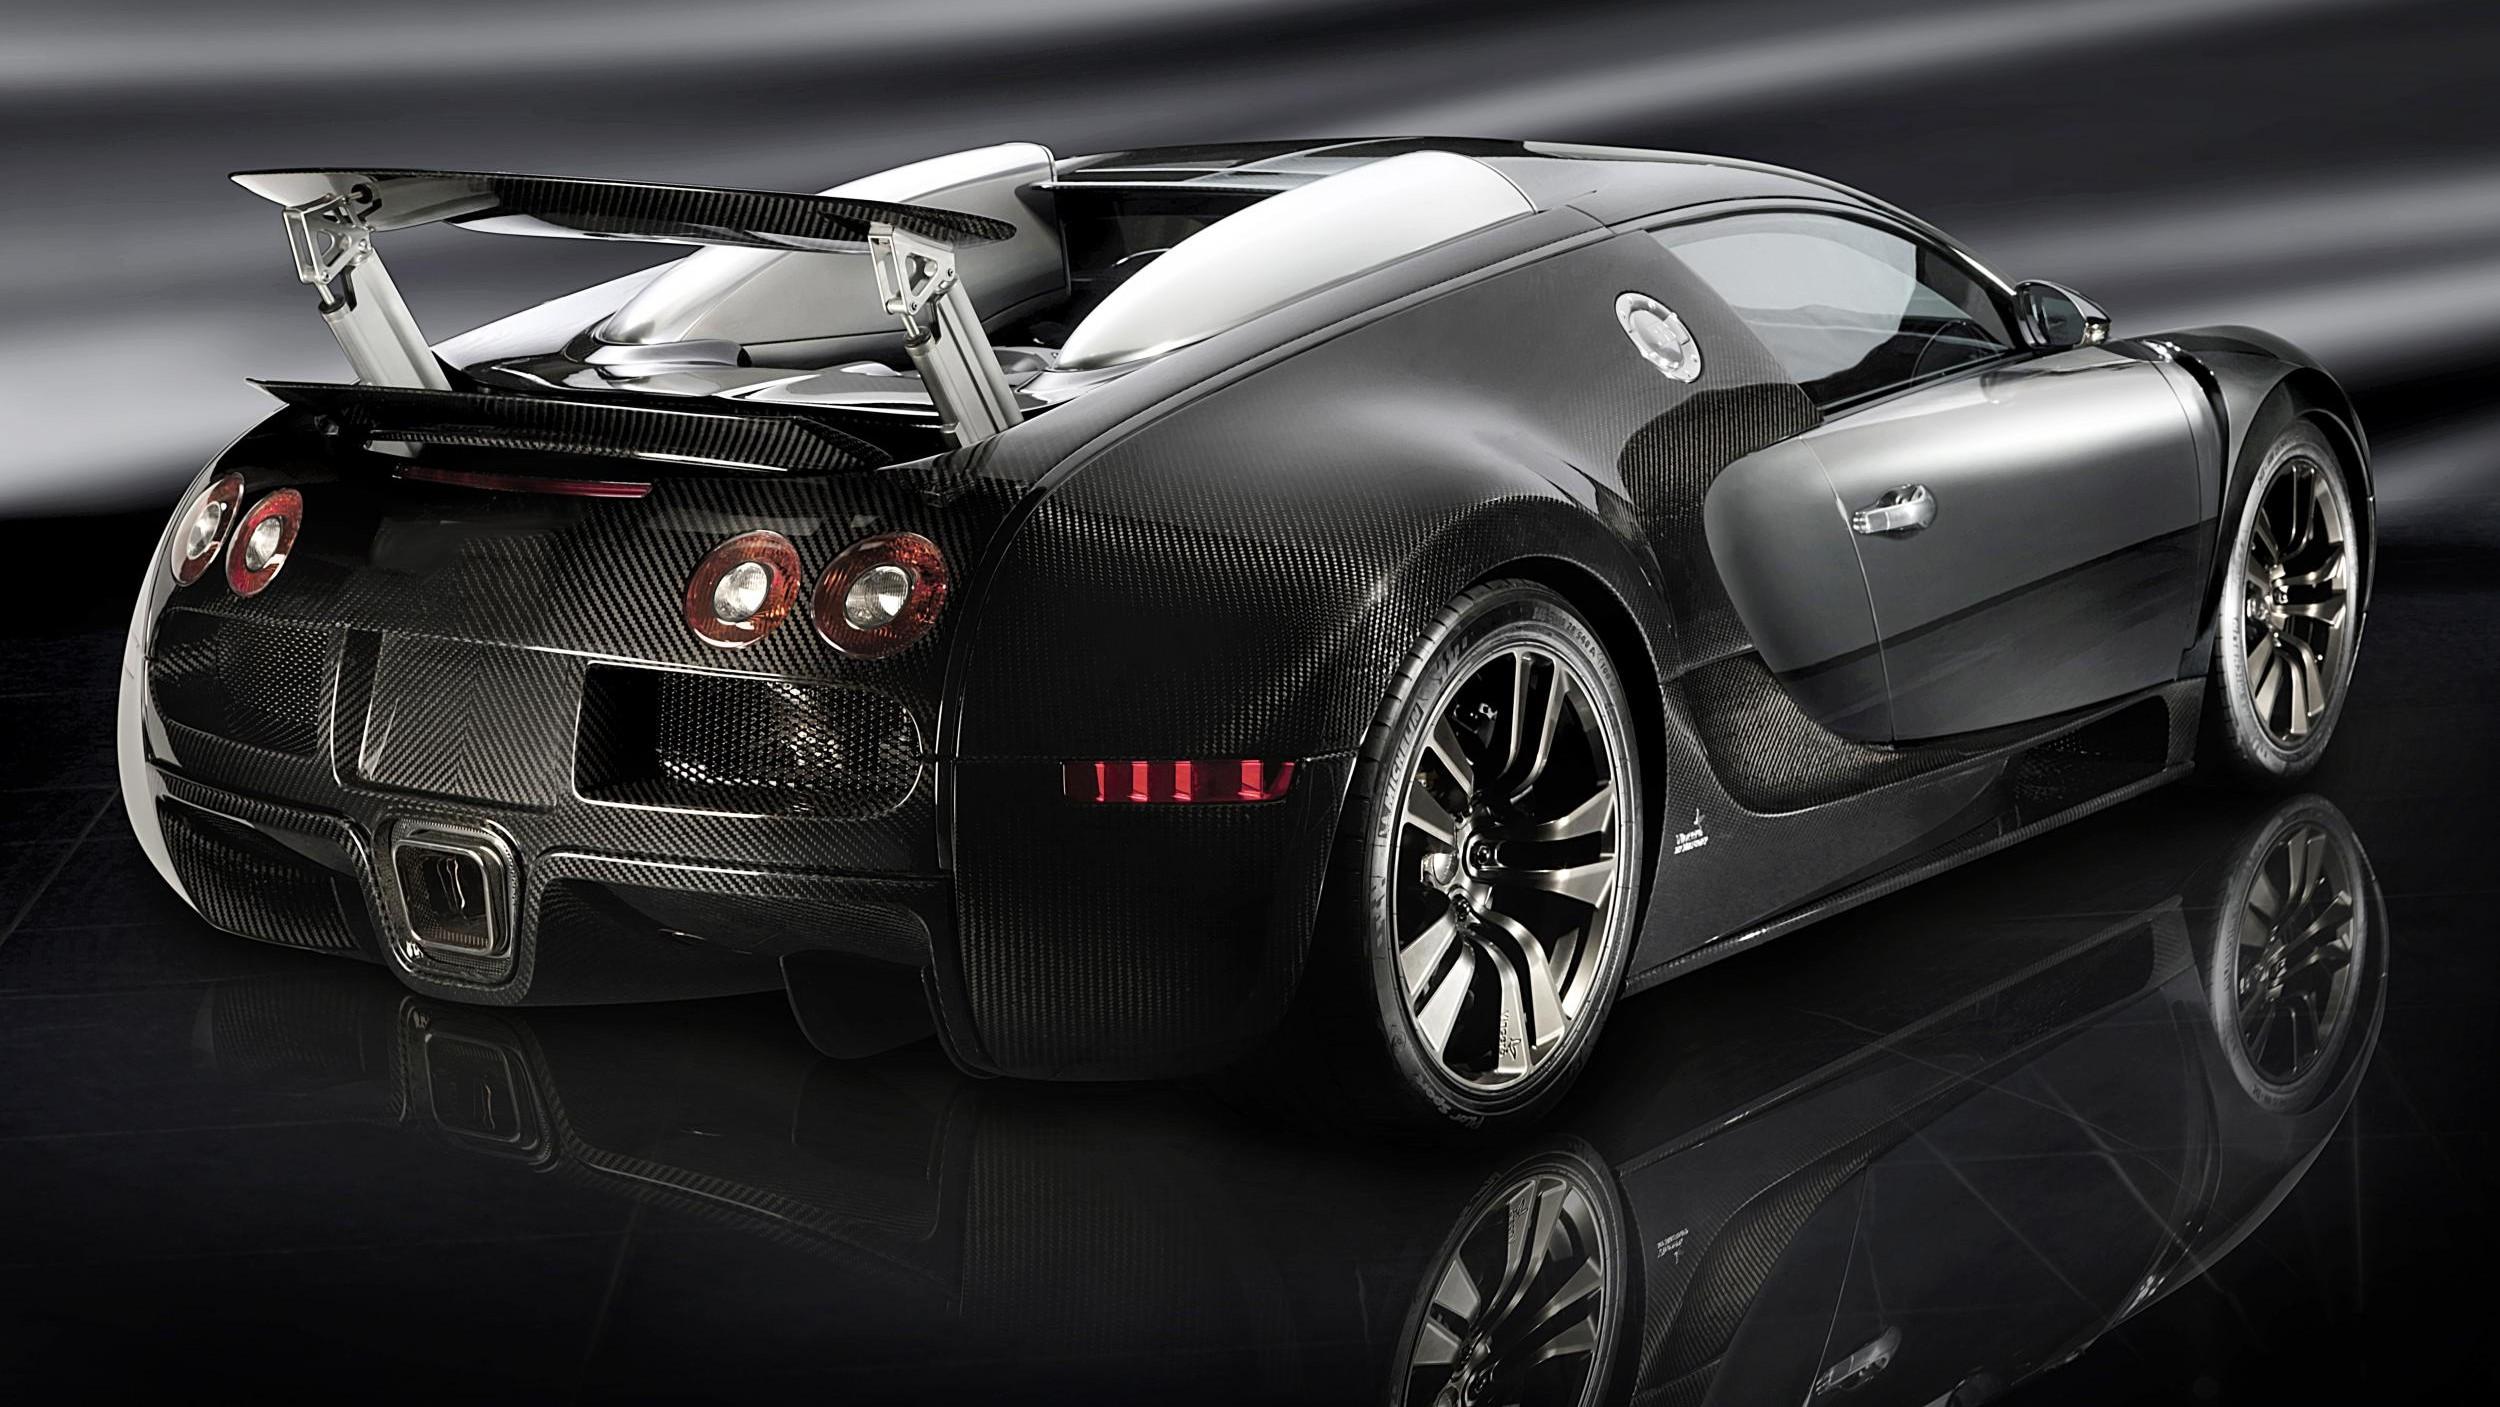 MANSORY-Vincero-ext-02-3710 Gorgeous Bugatti Veyron Zero to 60 Cars Trend